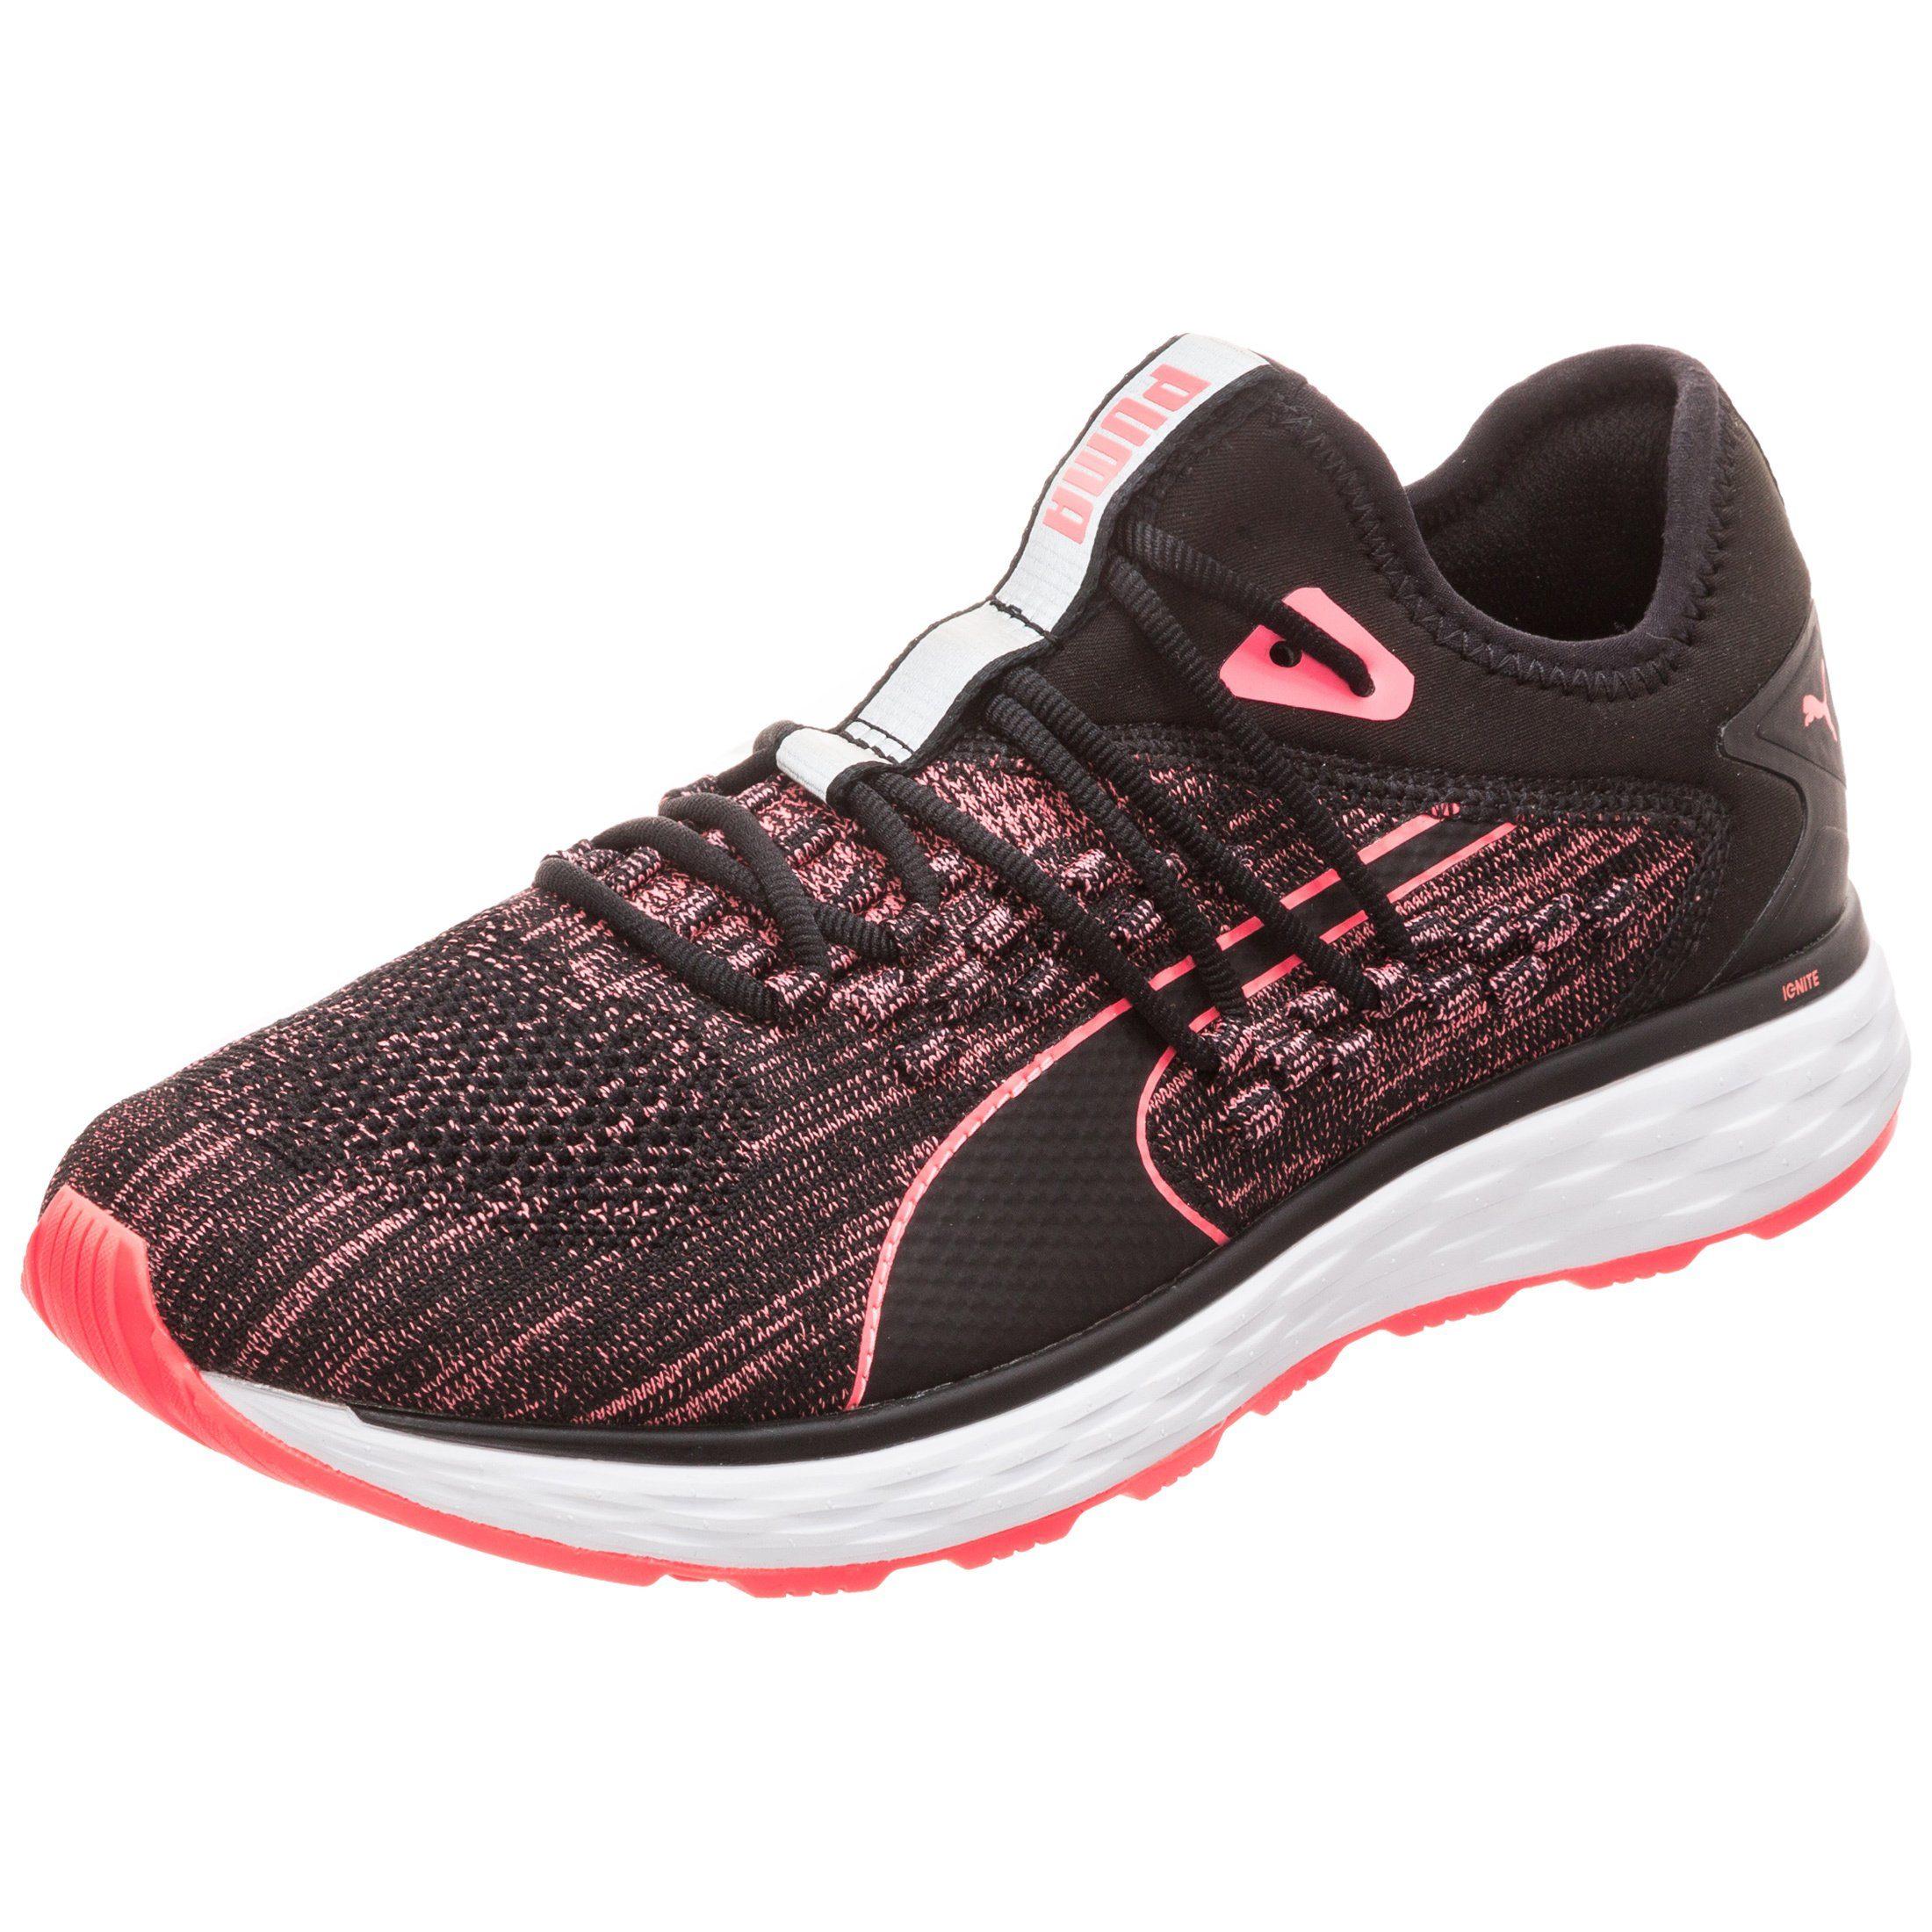 PUMA Laufschuh Speed Fusefit | Schuhe > Sportschuhe > Laufschuhe | Puma